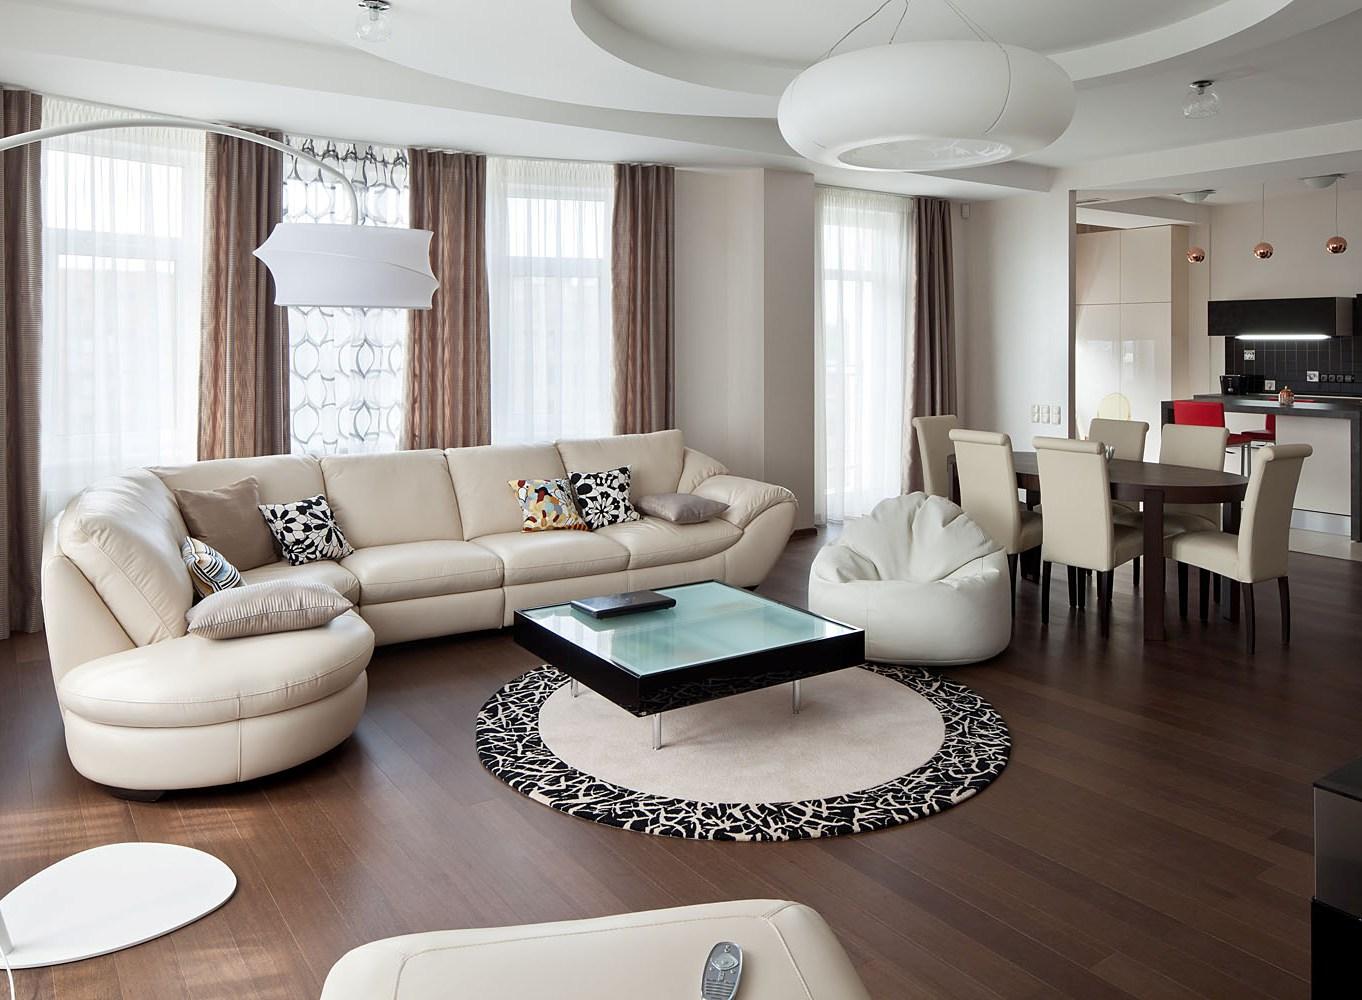 Дизайн интерьера квартиры. Основные моменты